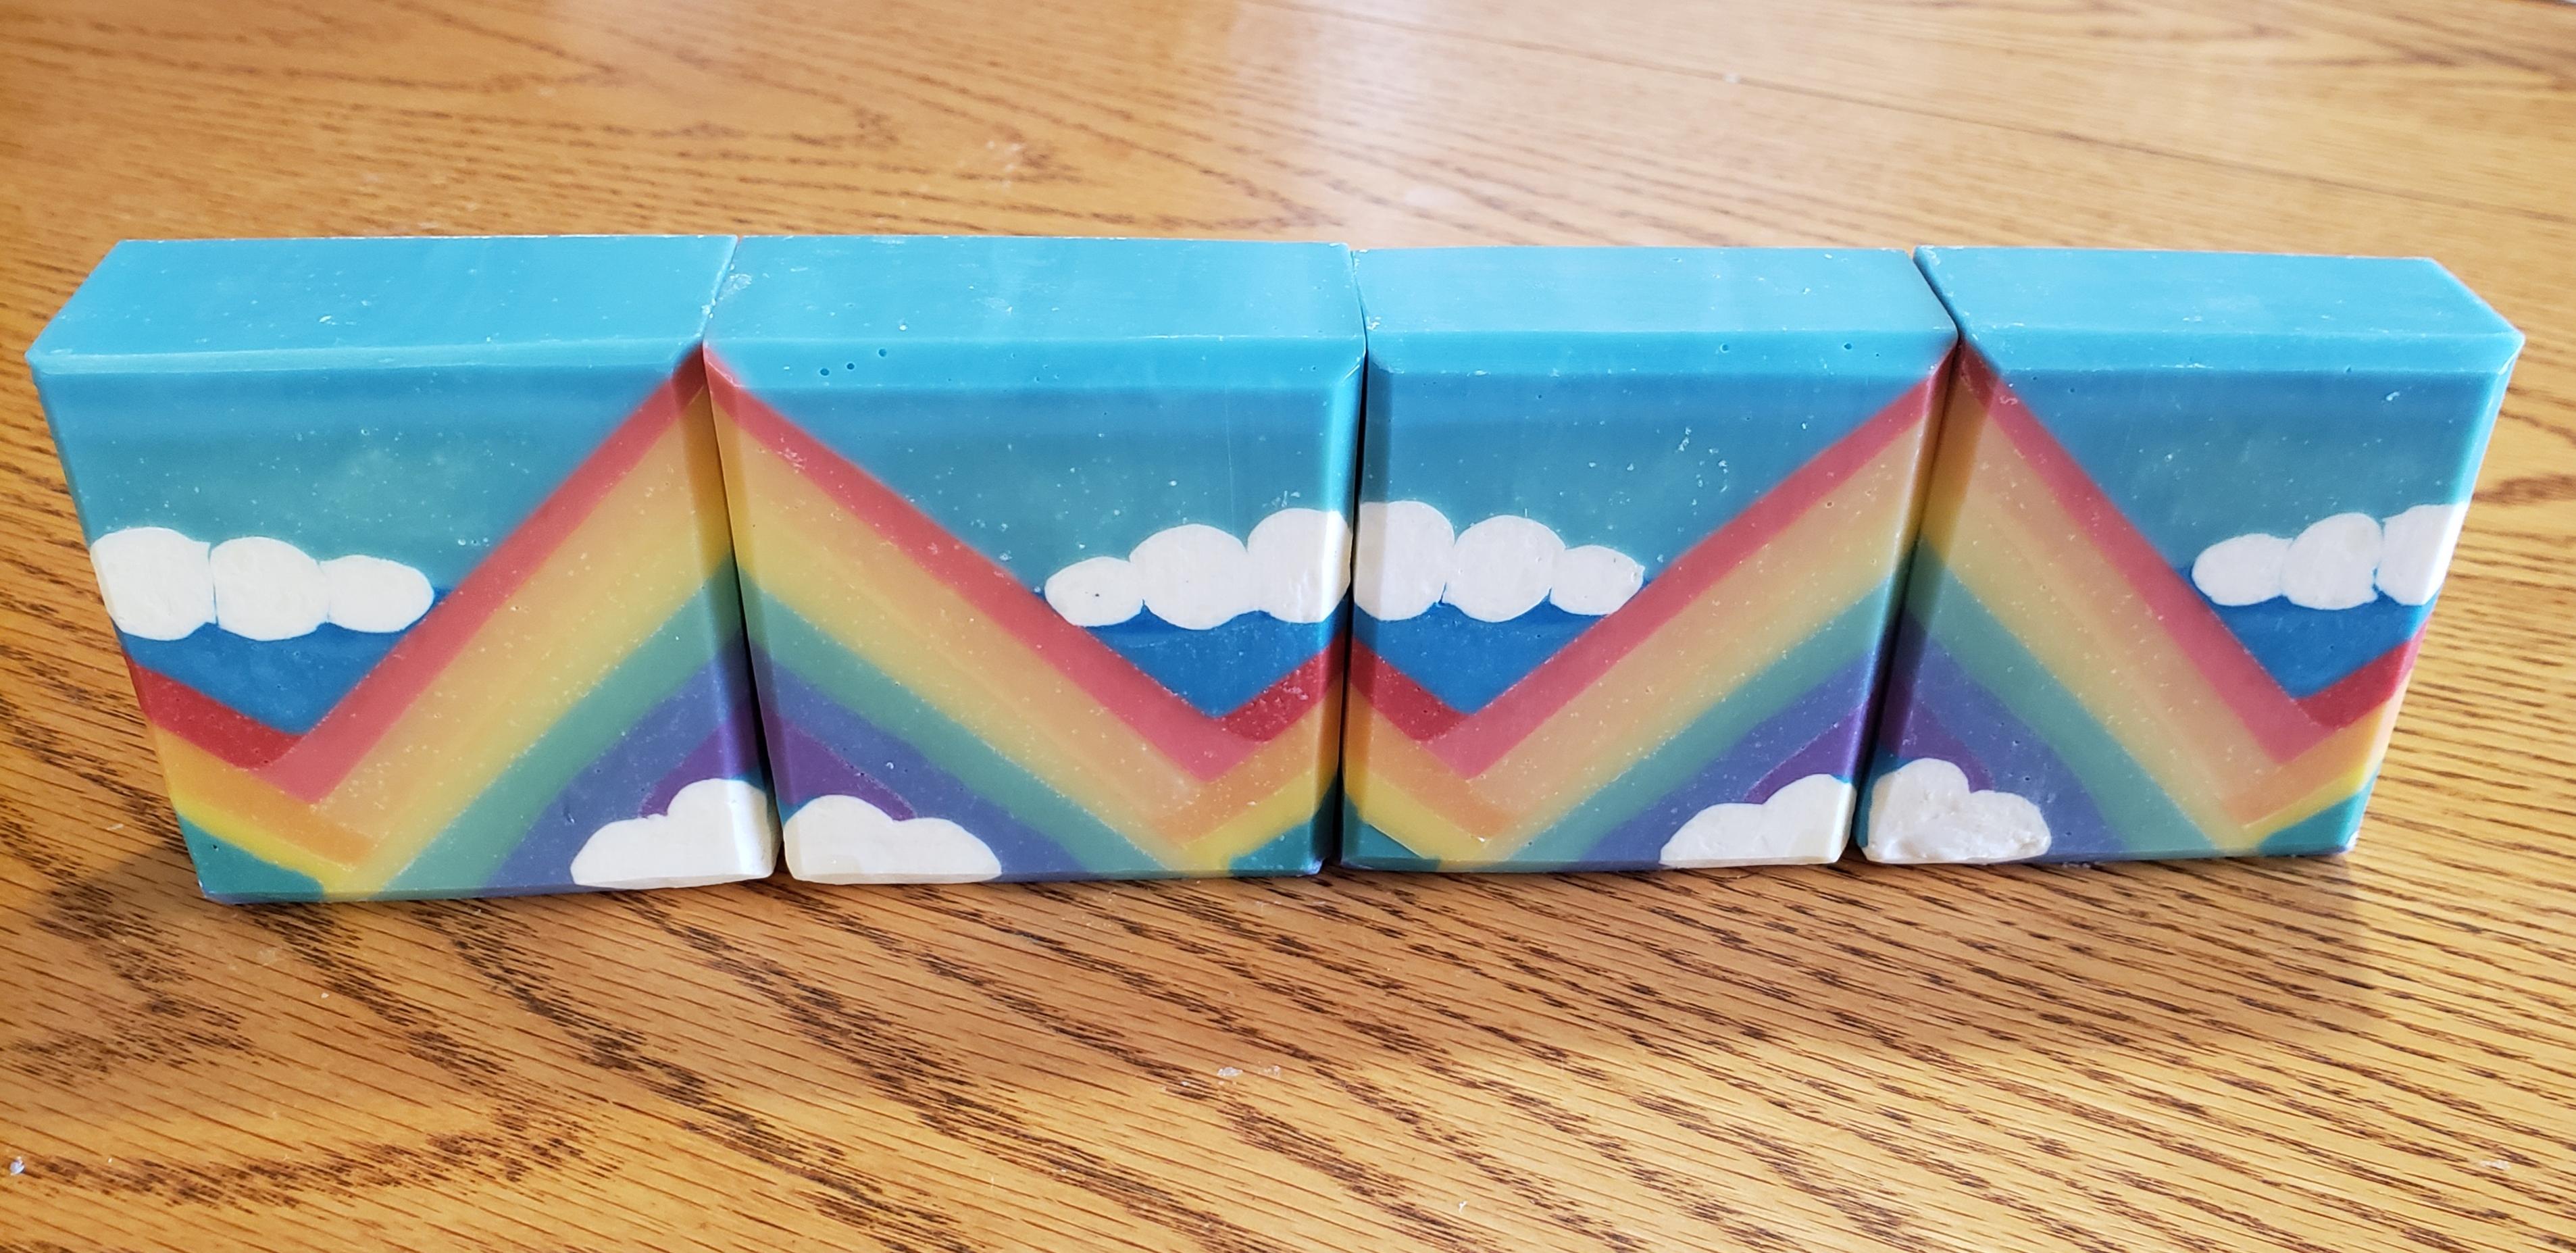 bouncing rainbows